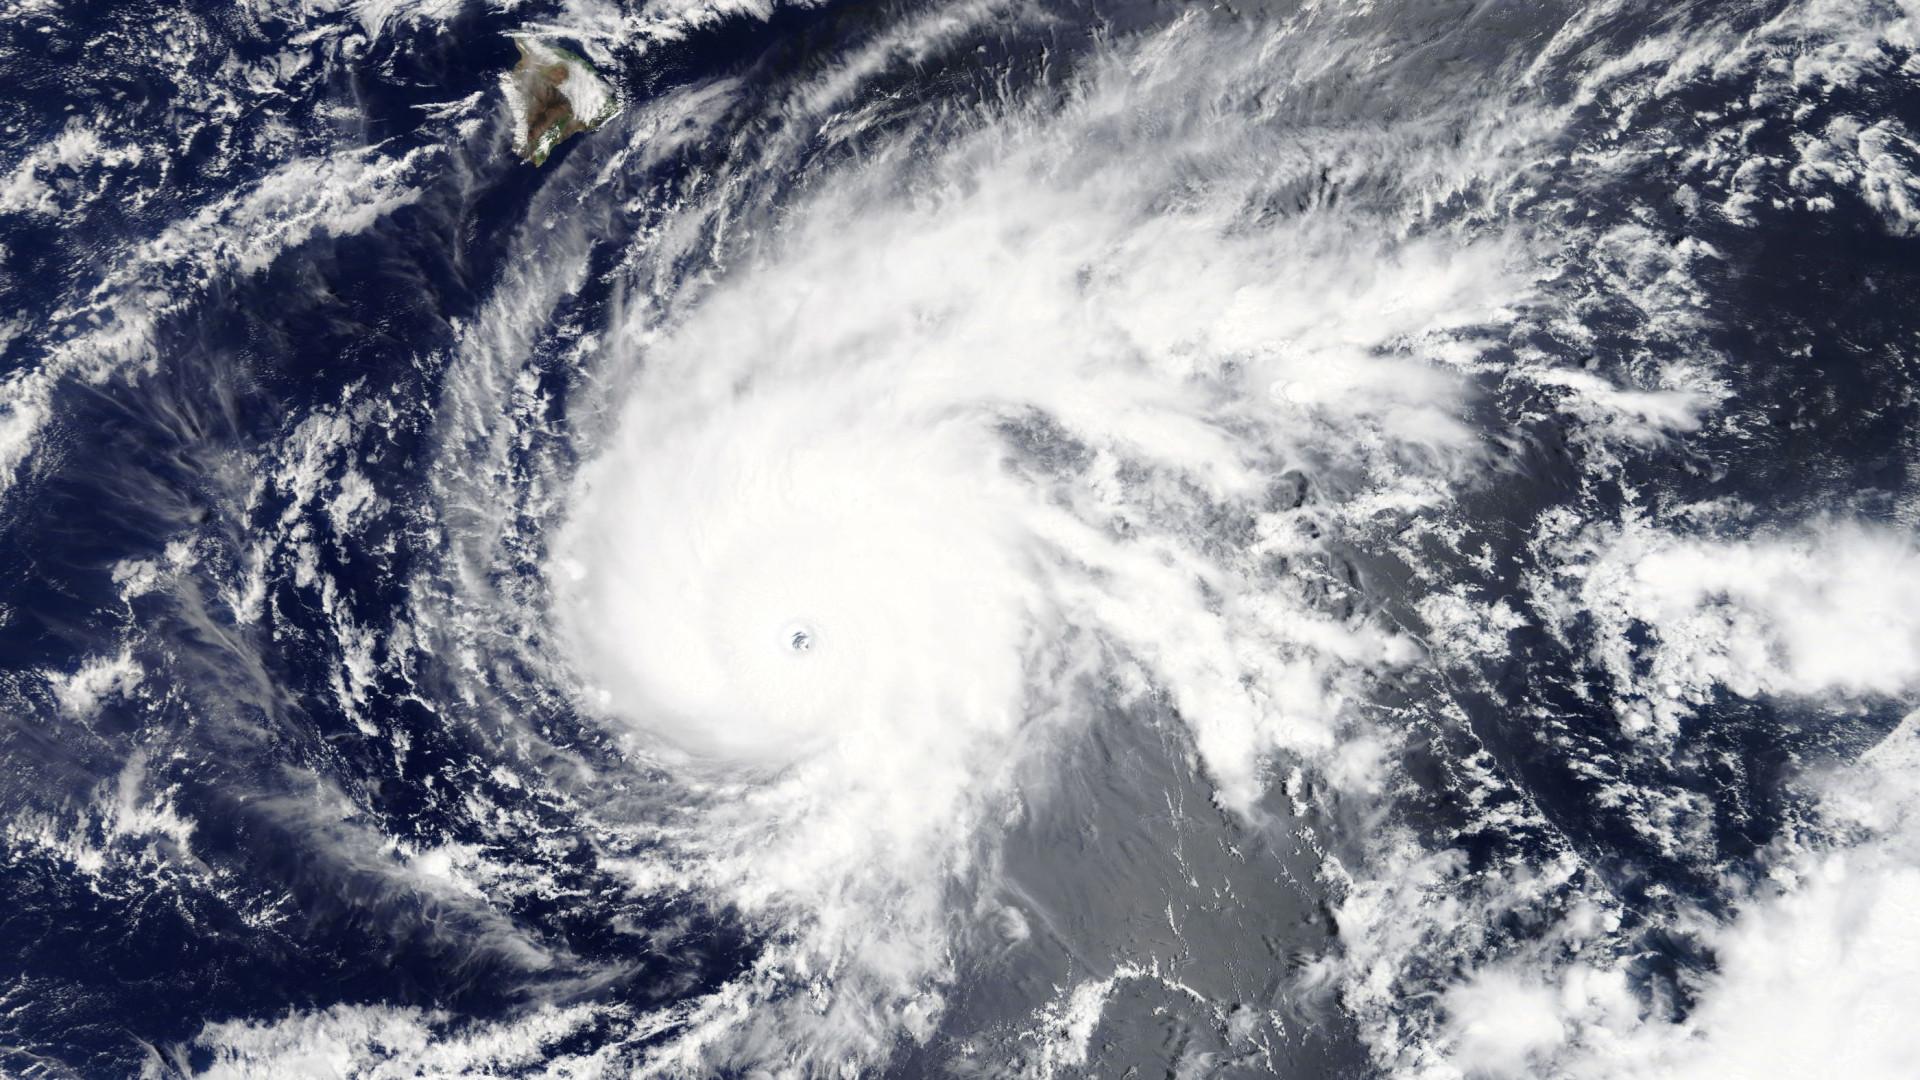 Furacão Helene mantém trajetória de aproximação aos Açores